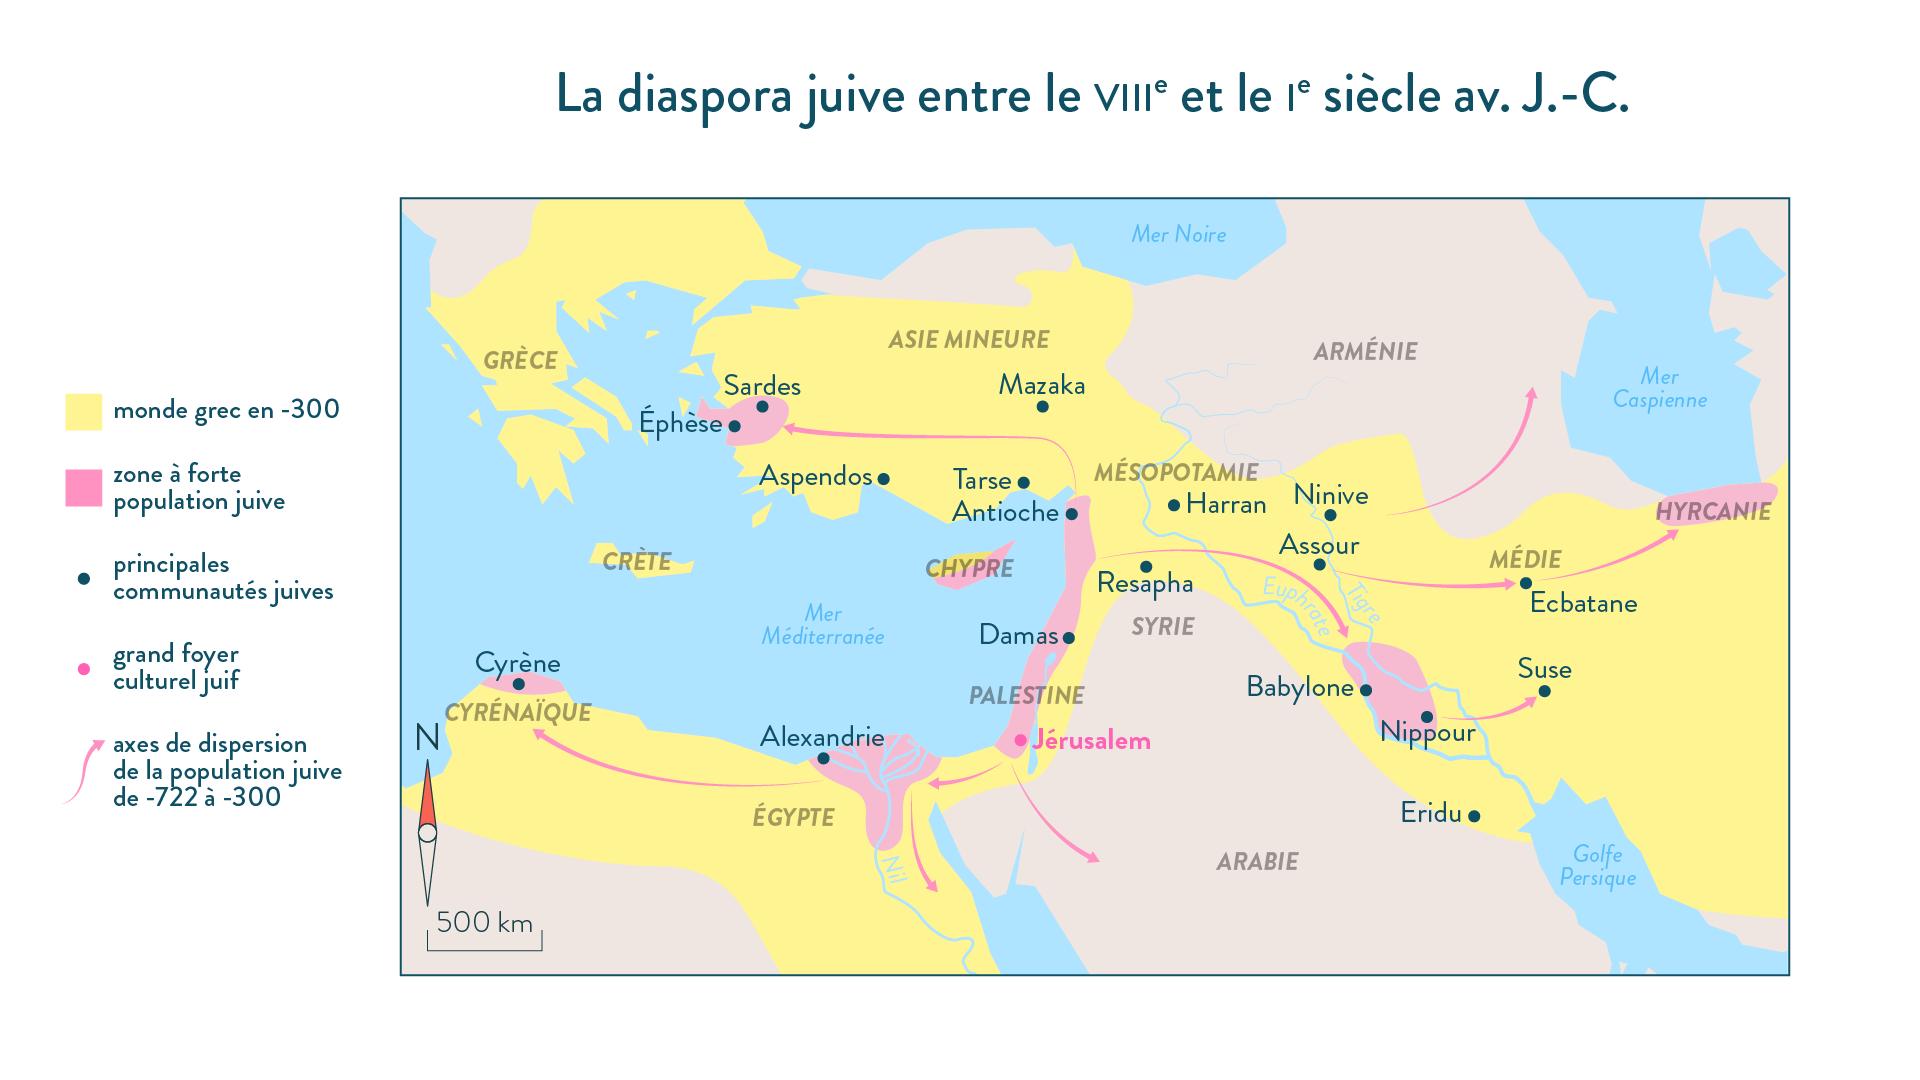 La diaspora juive entre le VIIIe et le Ie siècle av. J.-C.-histoire-6e